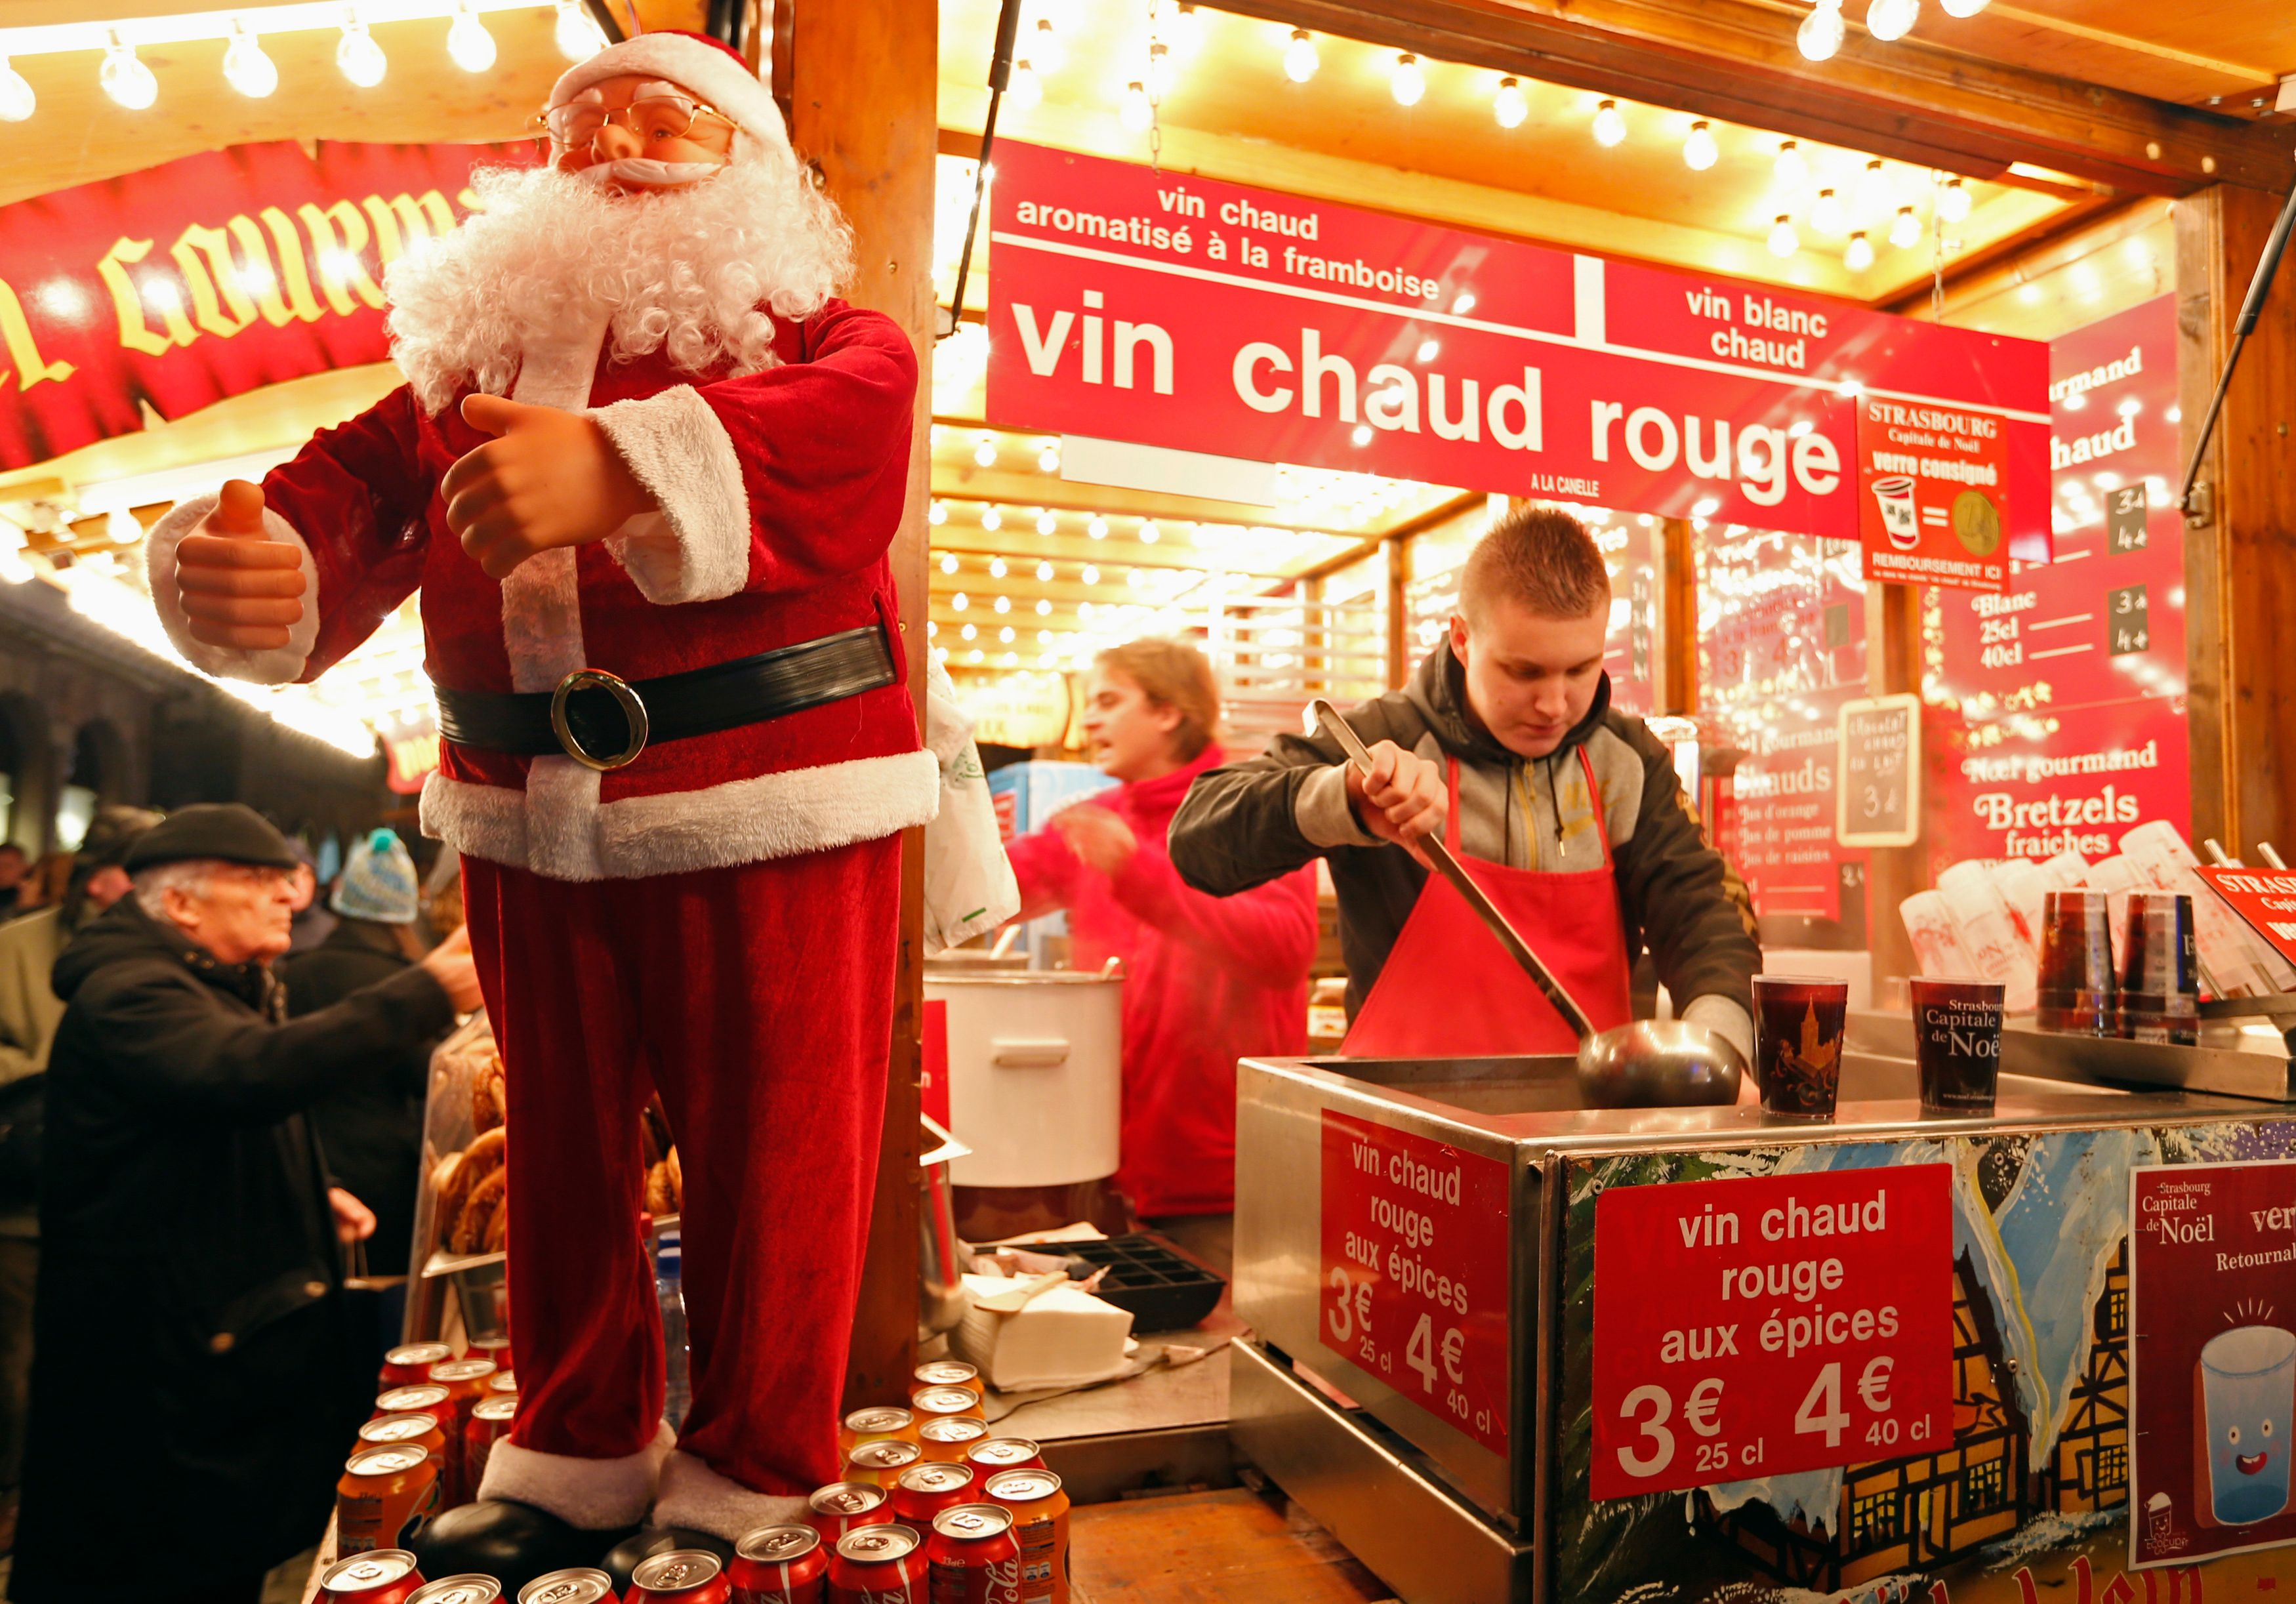 Pourquoi notre obsession grandissante sur les marchés et les illuminations de Noël en dit long sur notre état